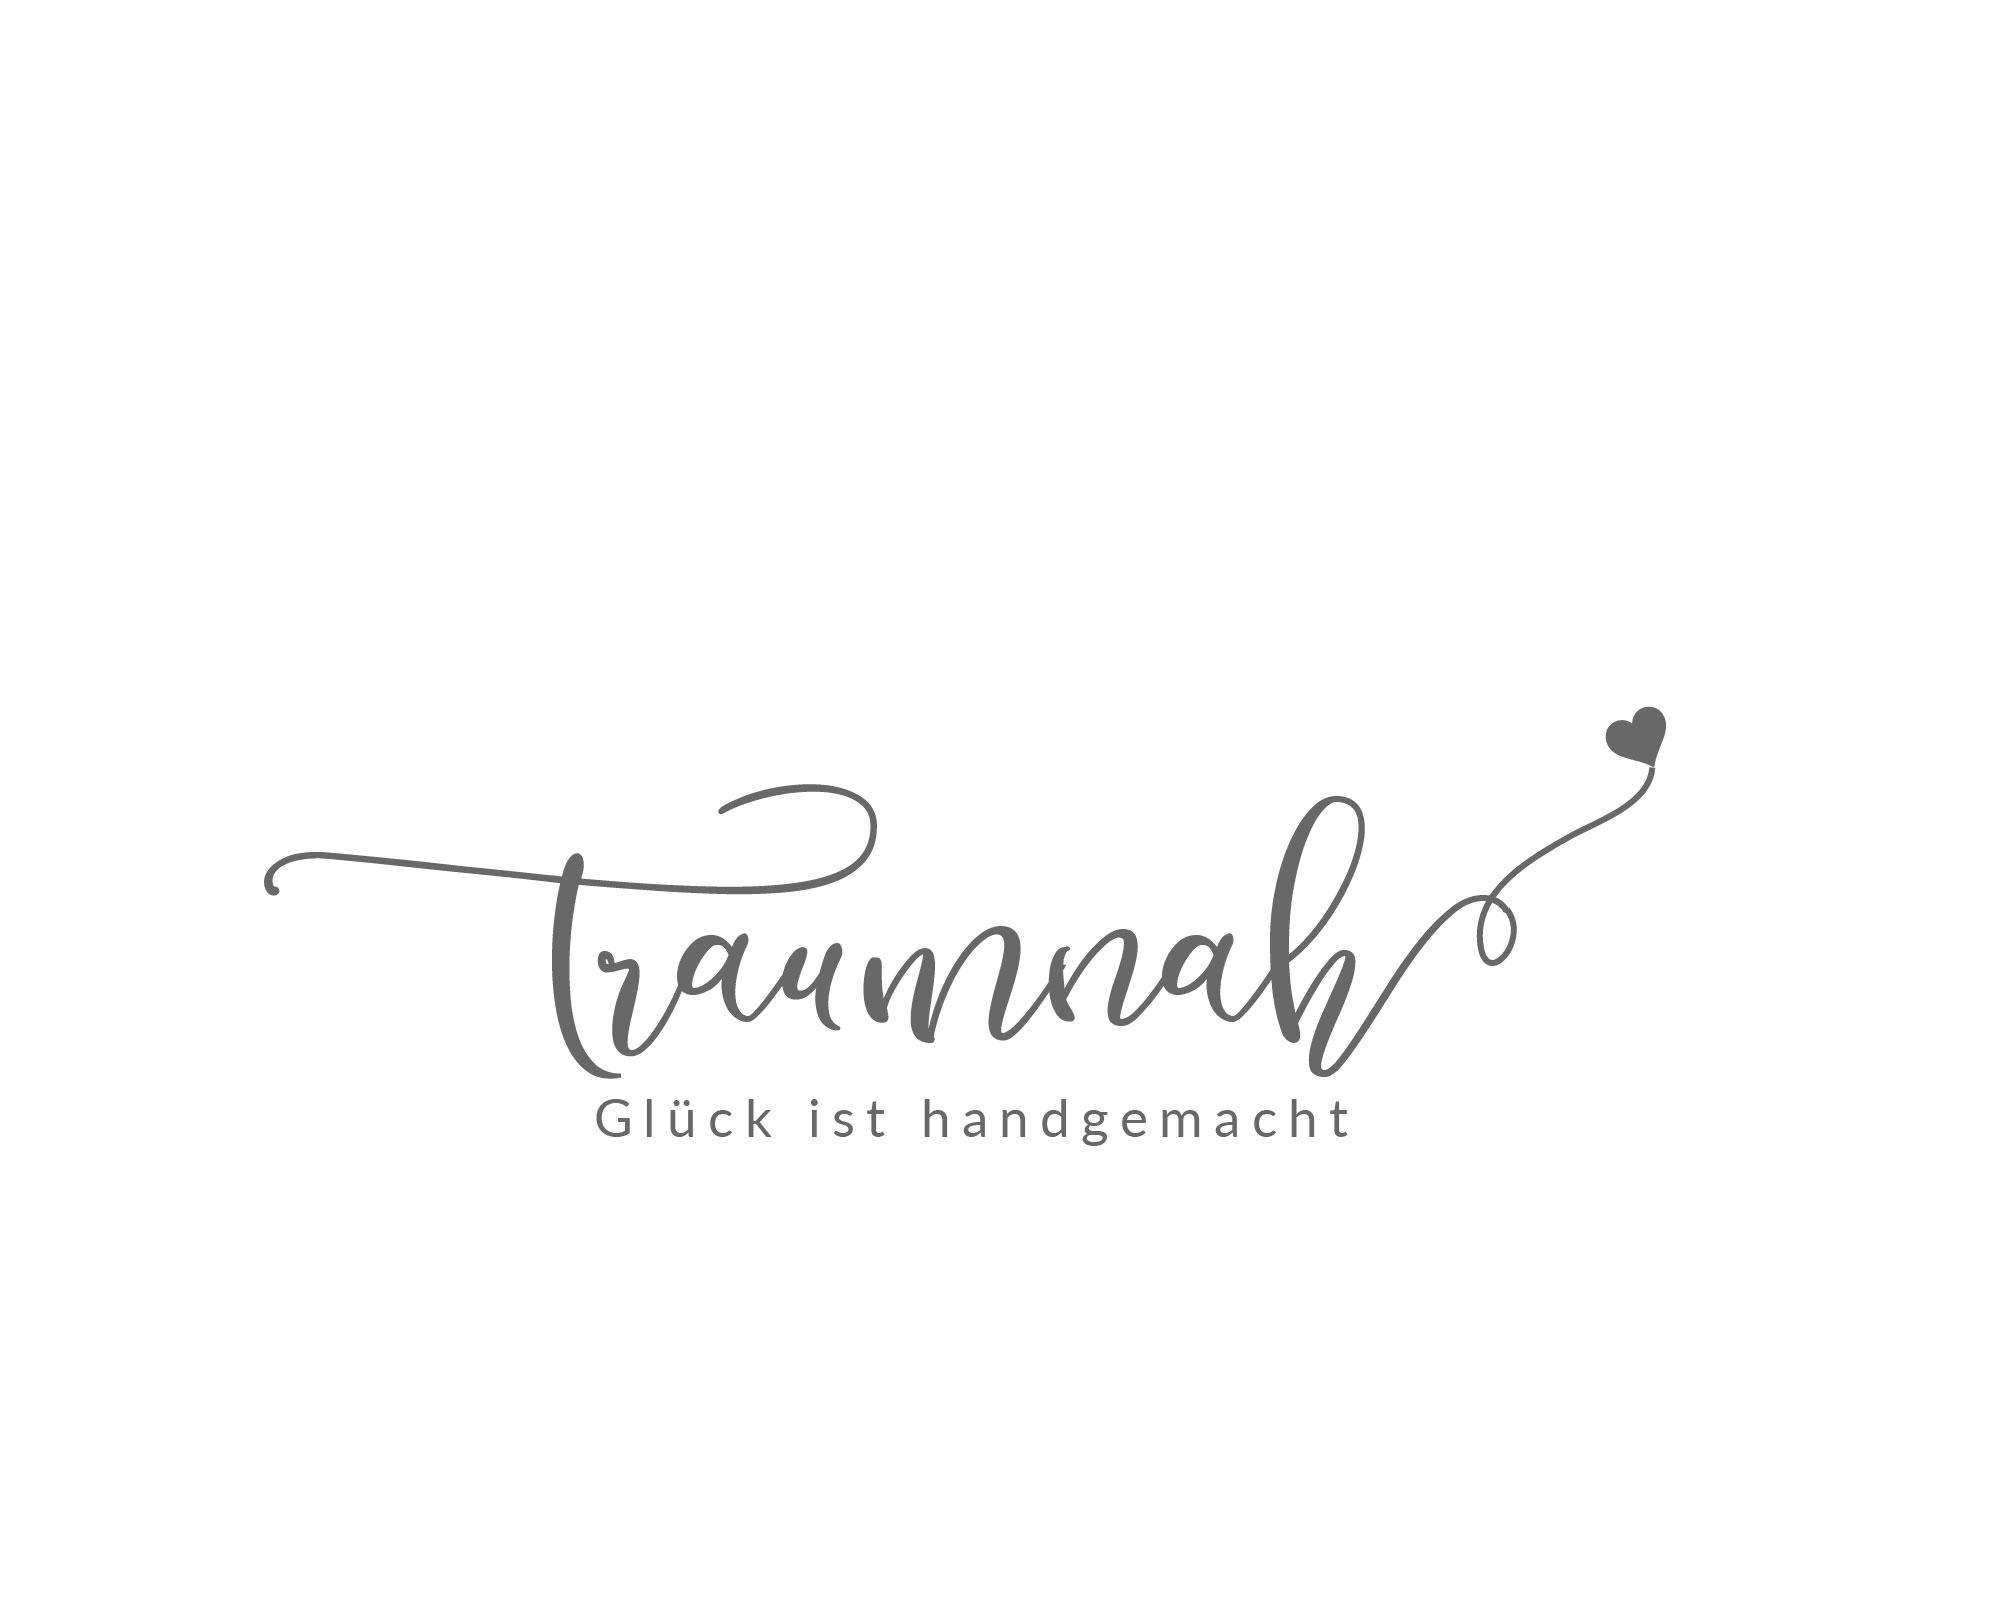 Traumnah •  Geschenke zur Geburt, Babyparty, Taufe •Handgemacht • Naturbewusst • Babyspielzeug